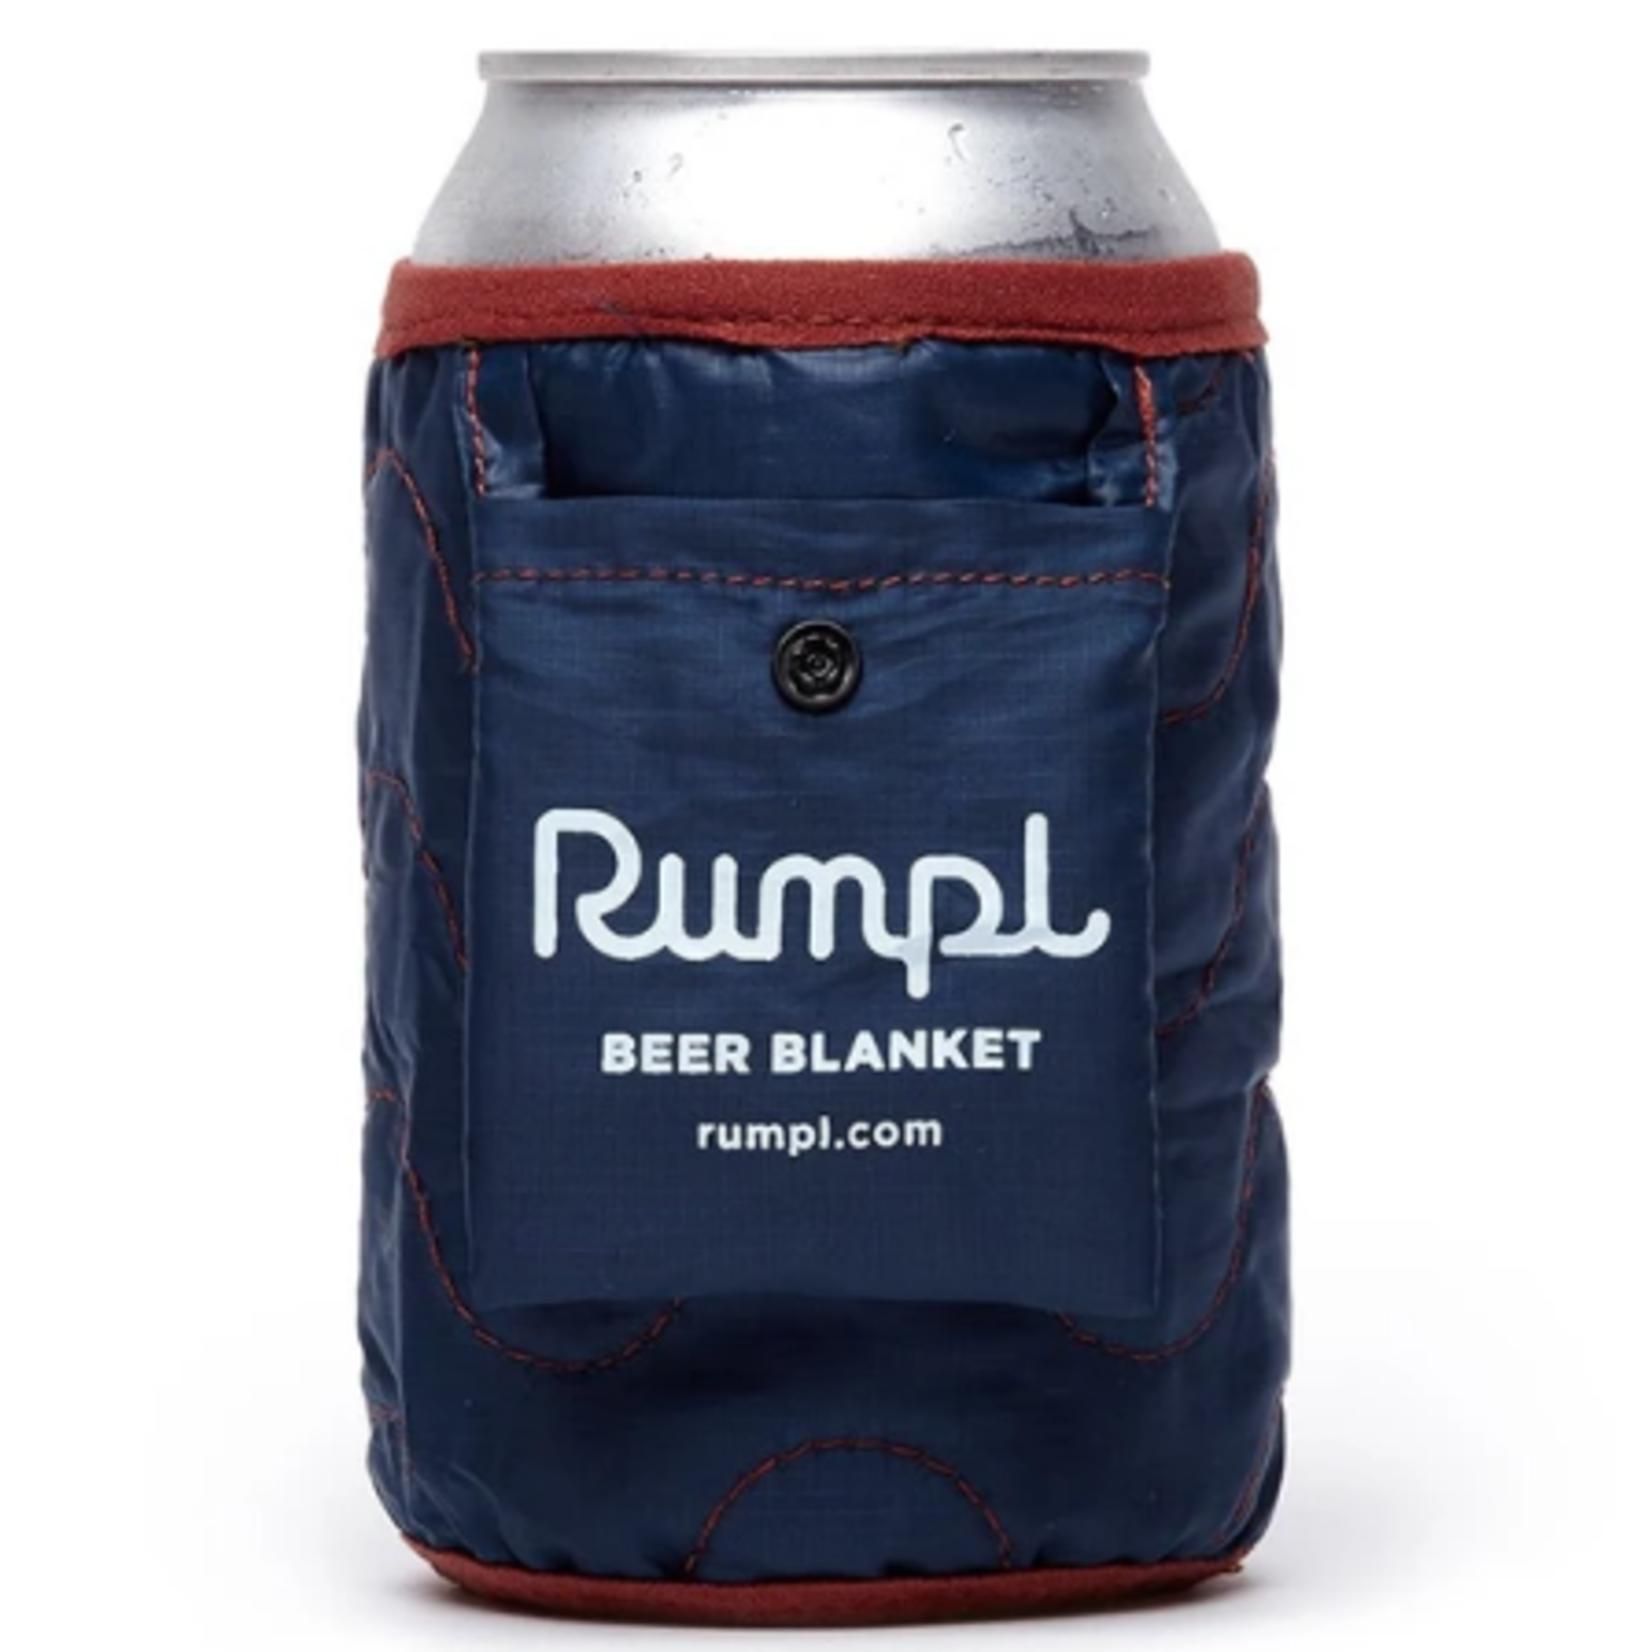 Rumpl Rumpl Beer Blanket